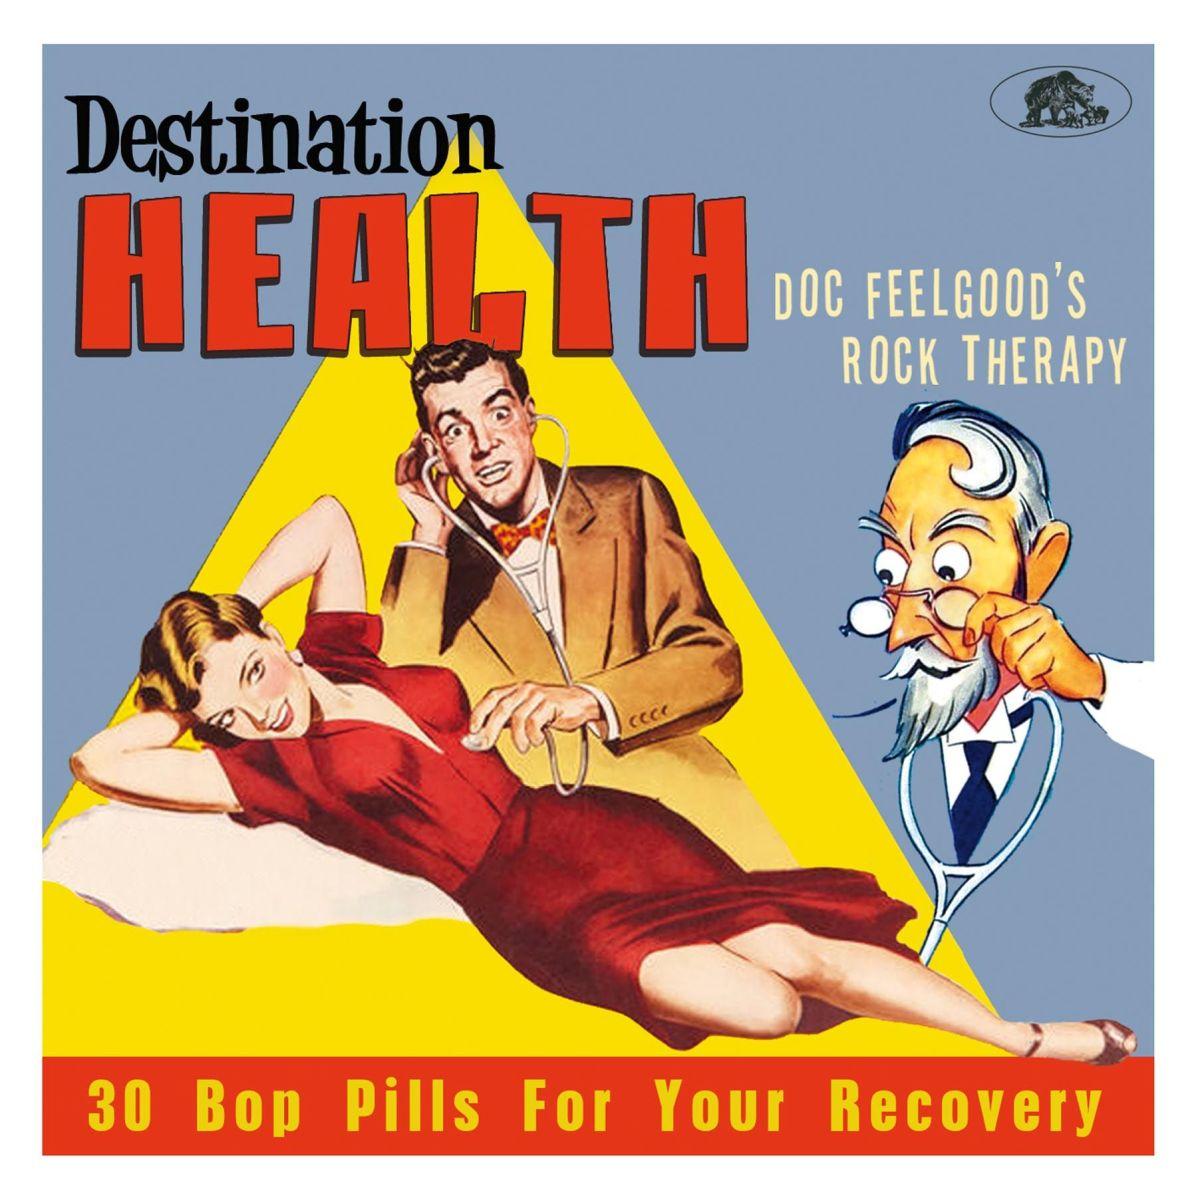 Destination Health